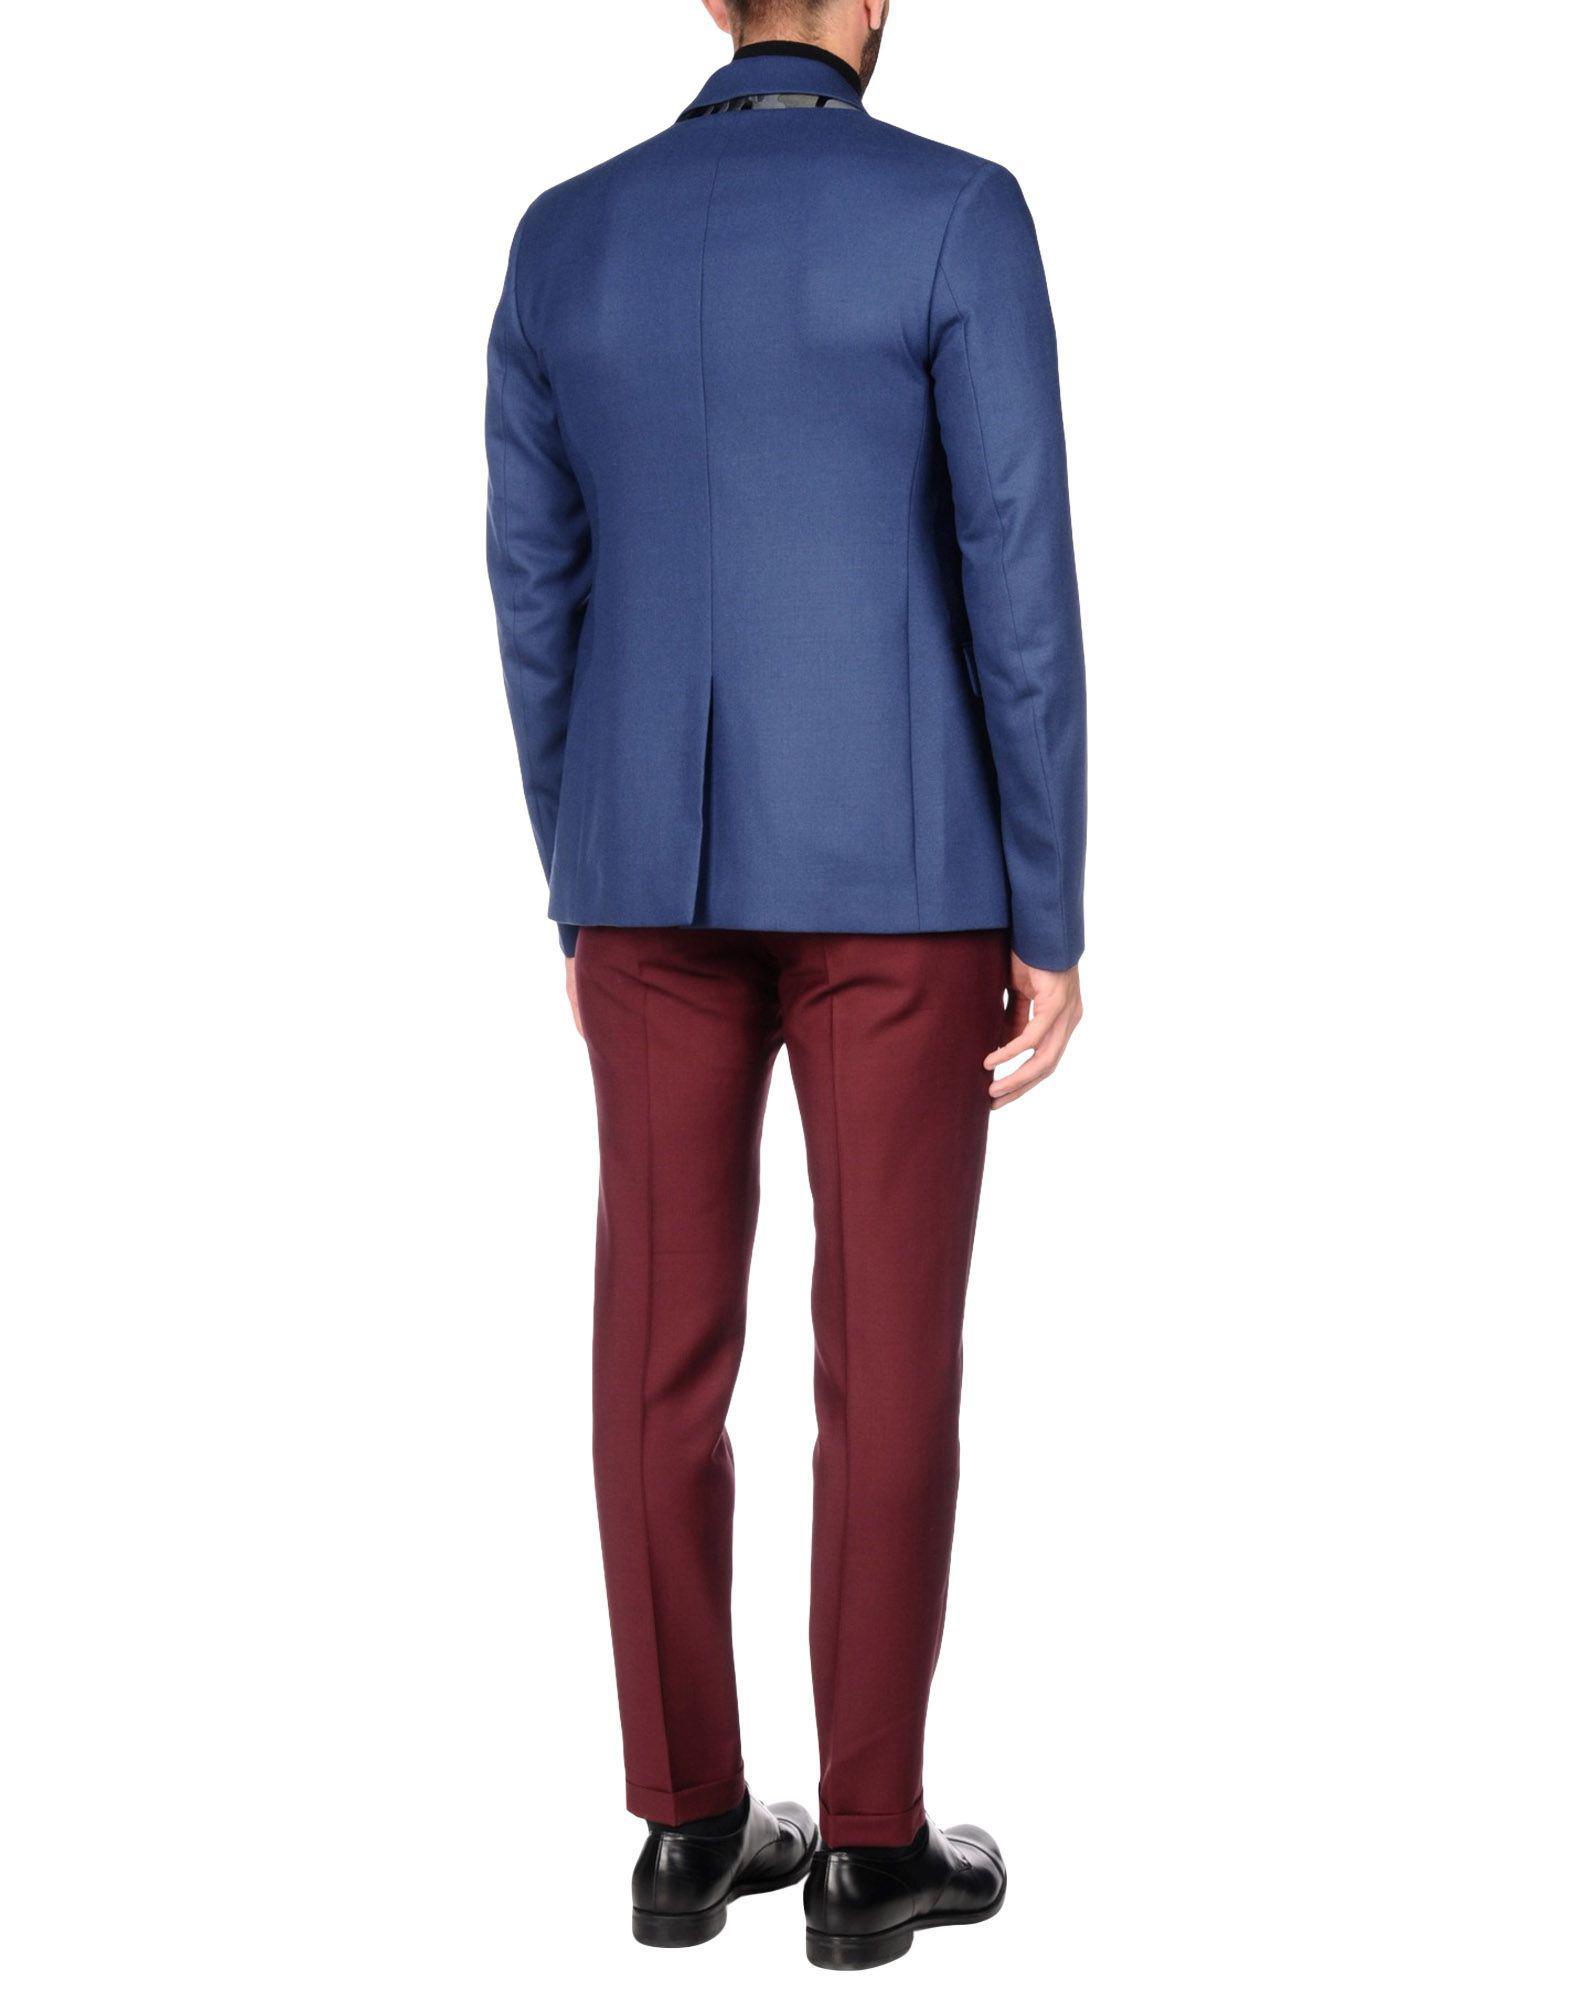 McQ Flannel Blazer in Dark Blue (Blue) for Men